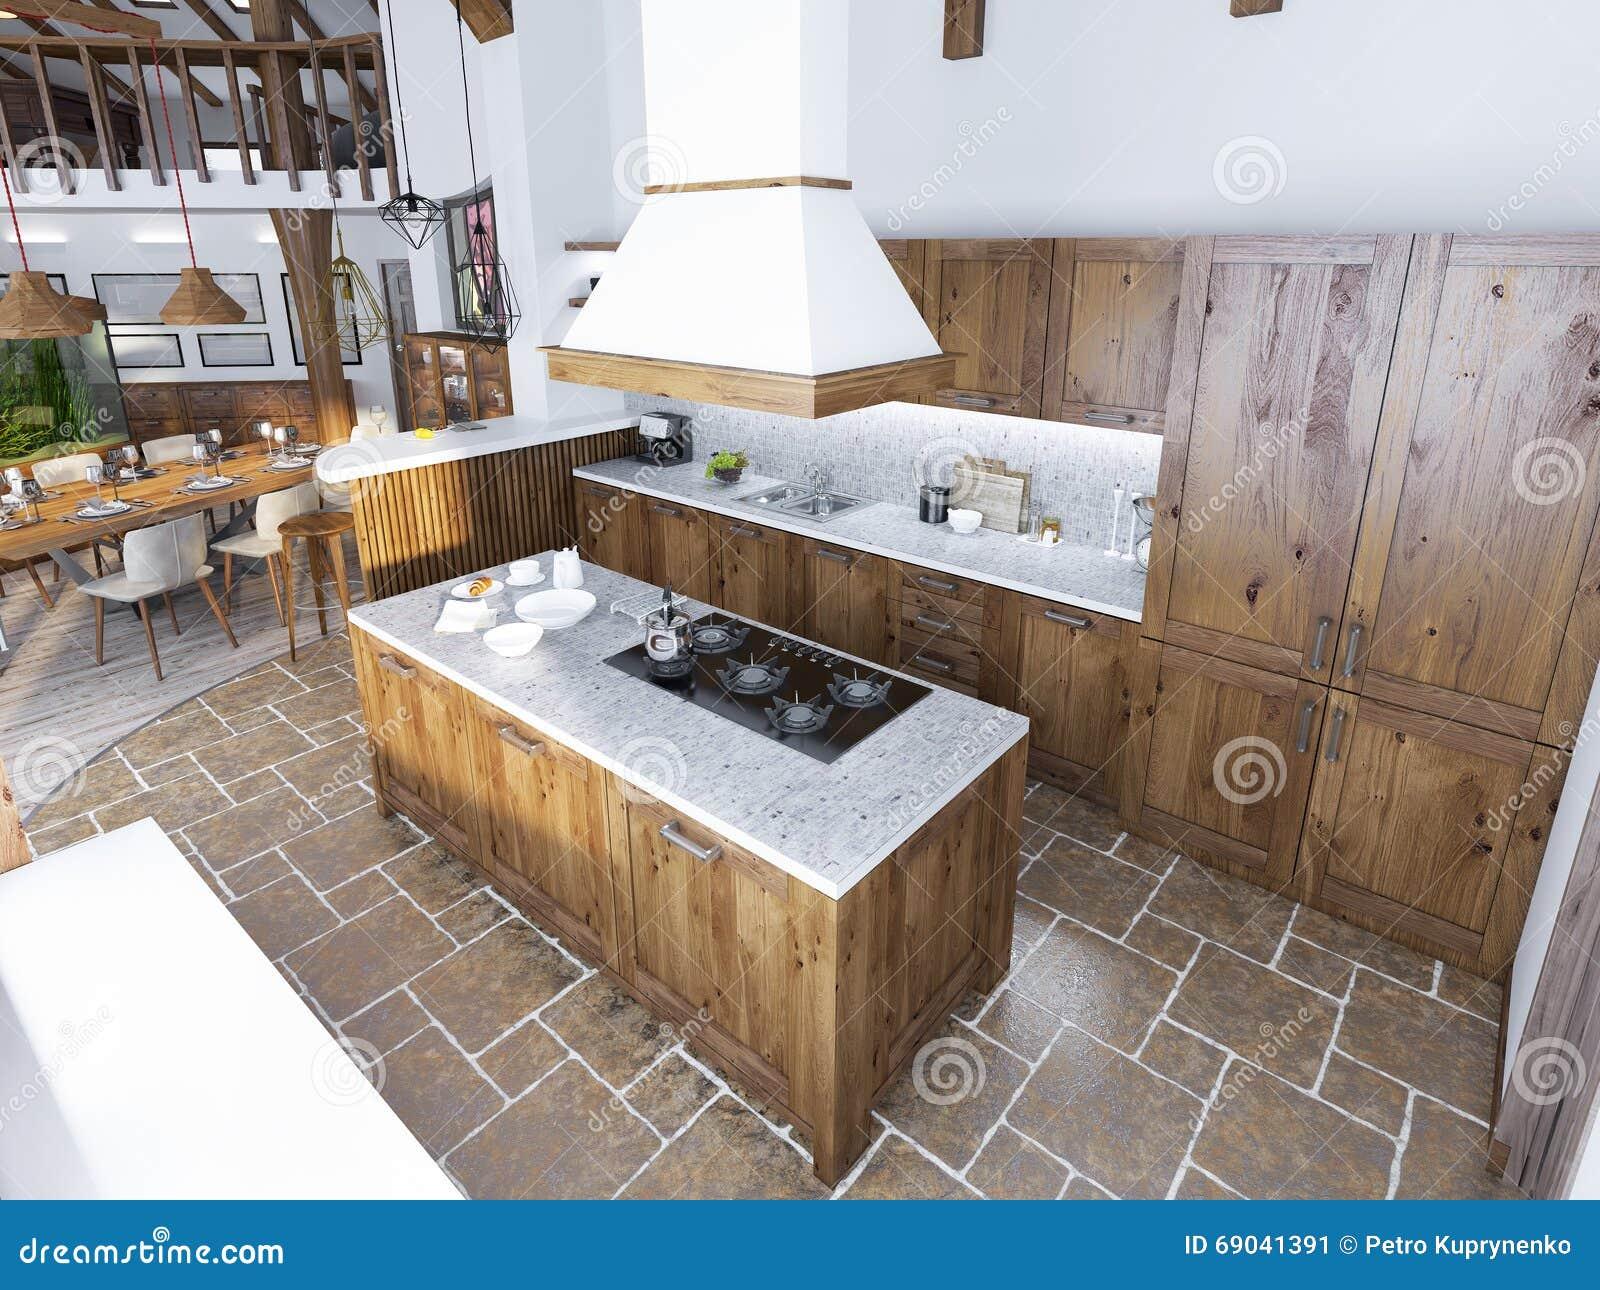 Cuisine De Luxe Moderne Dans Un Style De Grenier Image stock ...